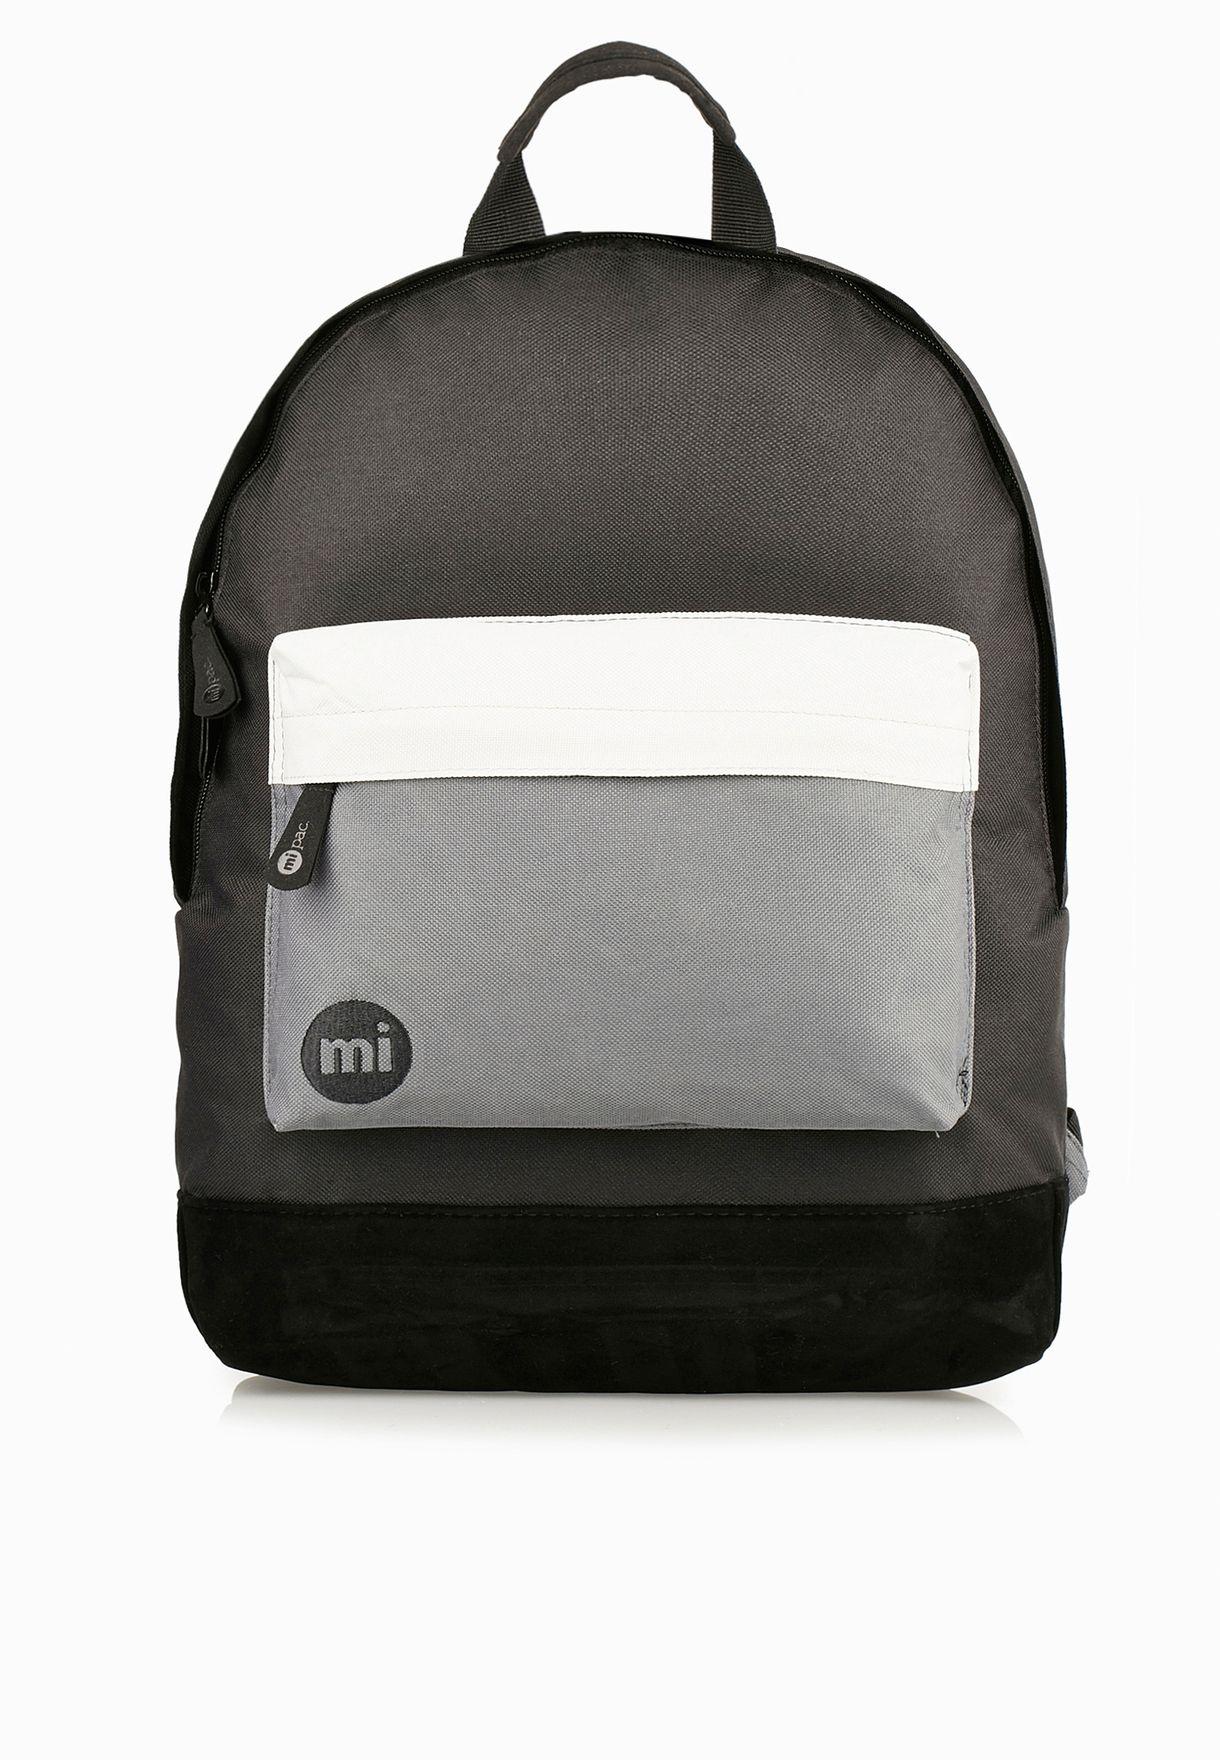 a05b619bbe7c2 تسوق حقيبة ظهر بشعار الماركة ماركة مي باك لون أسود 740002A01 في ...